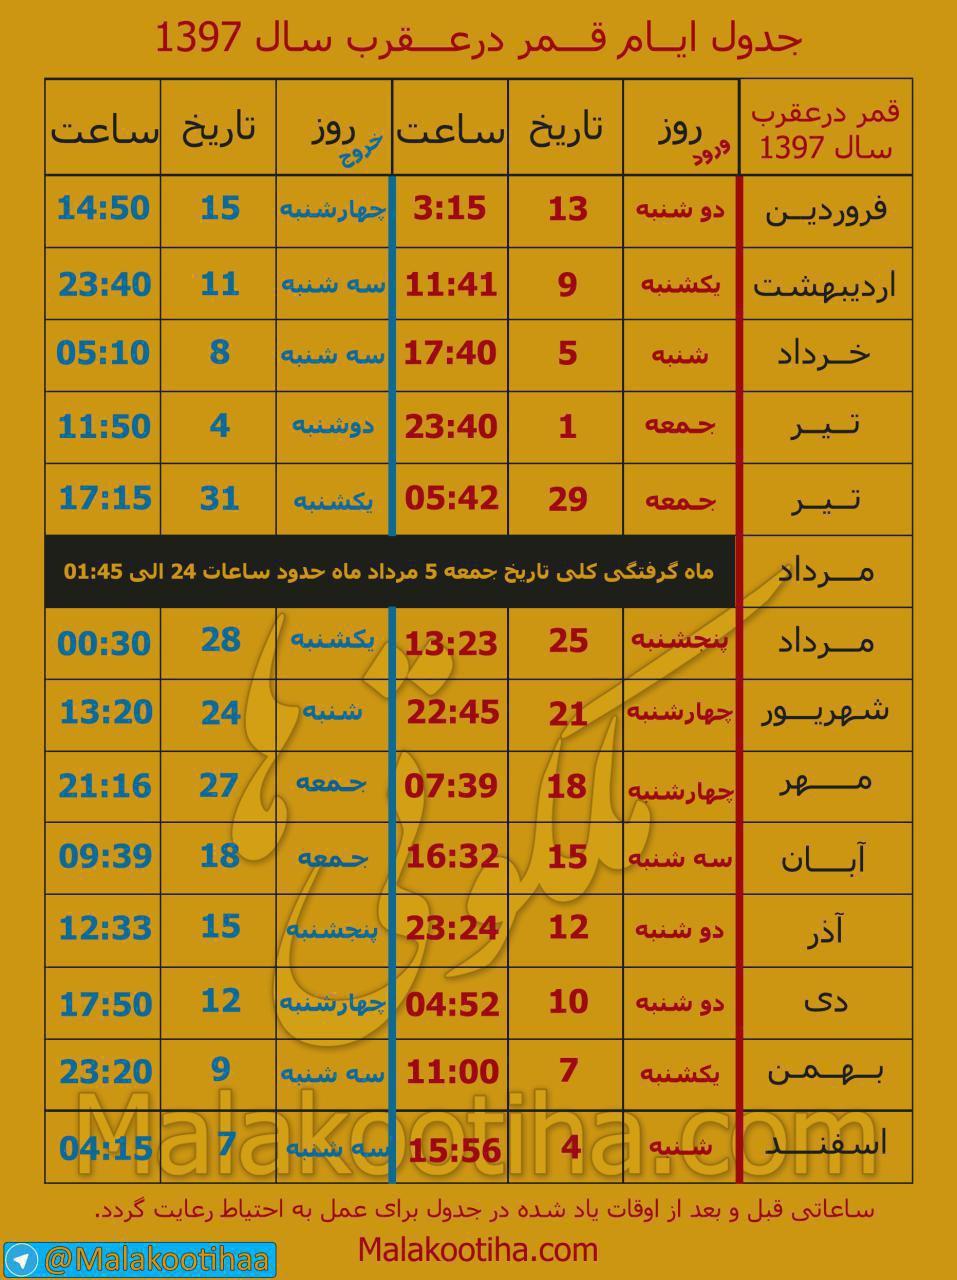 جدول و تقویم کامل روزهای قمر در عقرب سال ۹۷